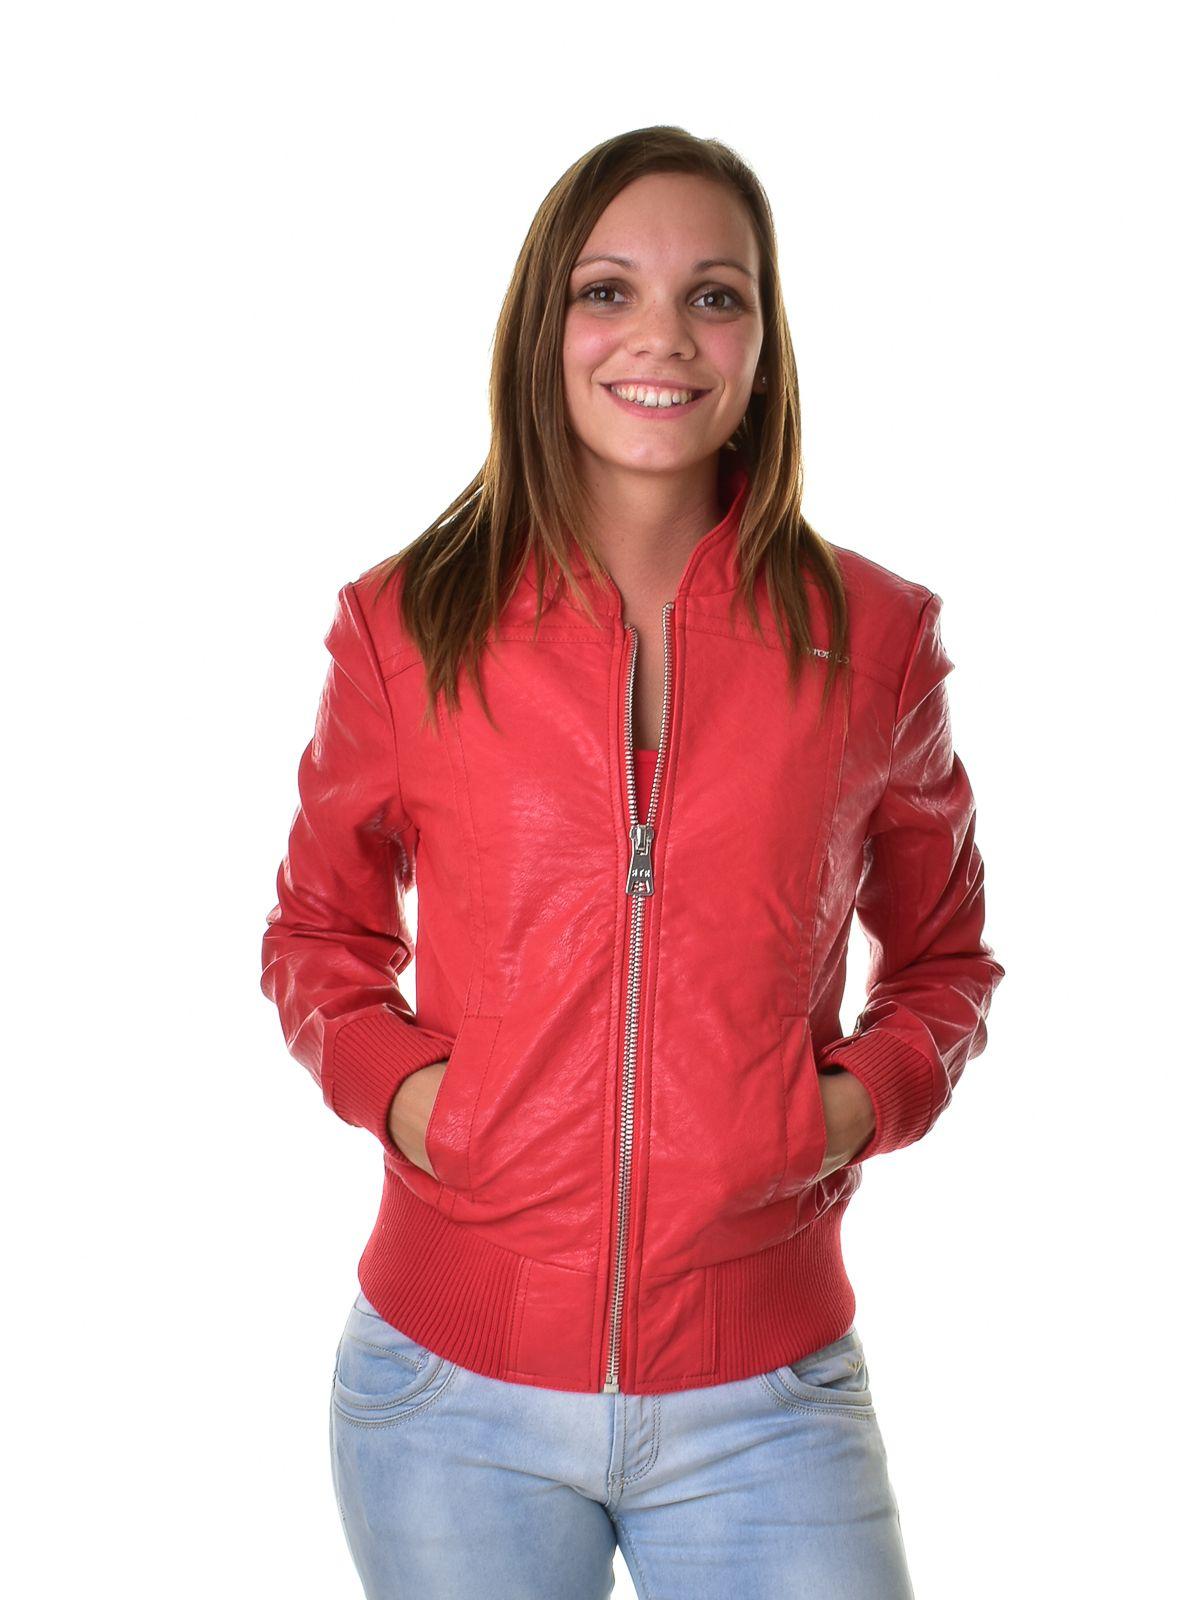 bde336927d Női - Ruházat Retro Jeans, Adidas Originals - Átmeneti kabát | Márkásbolt.hu